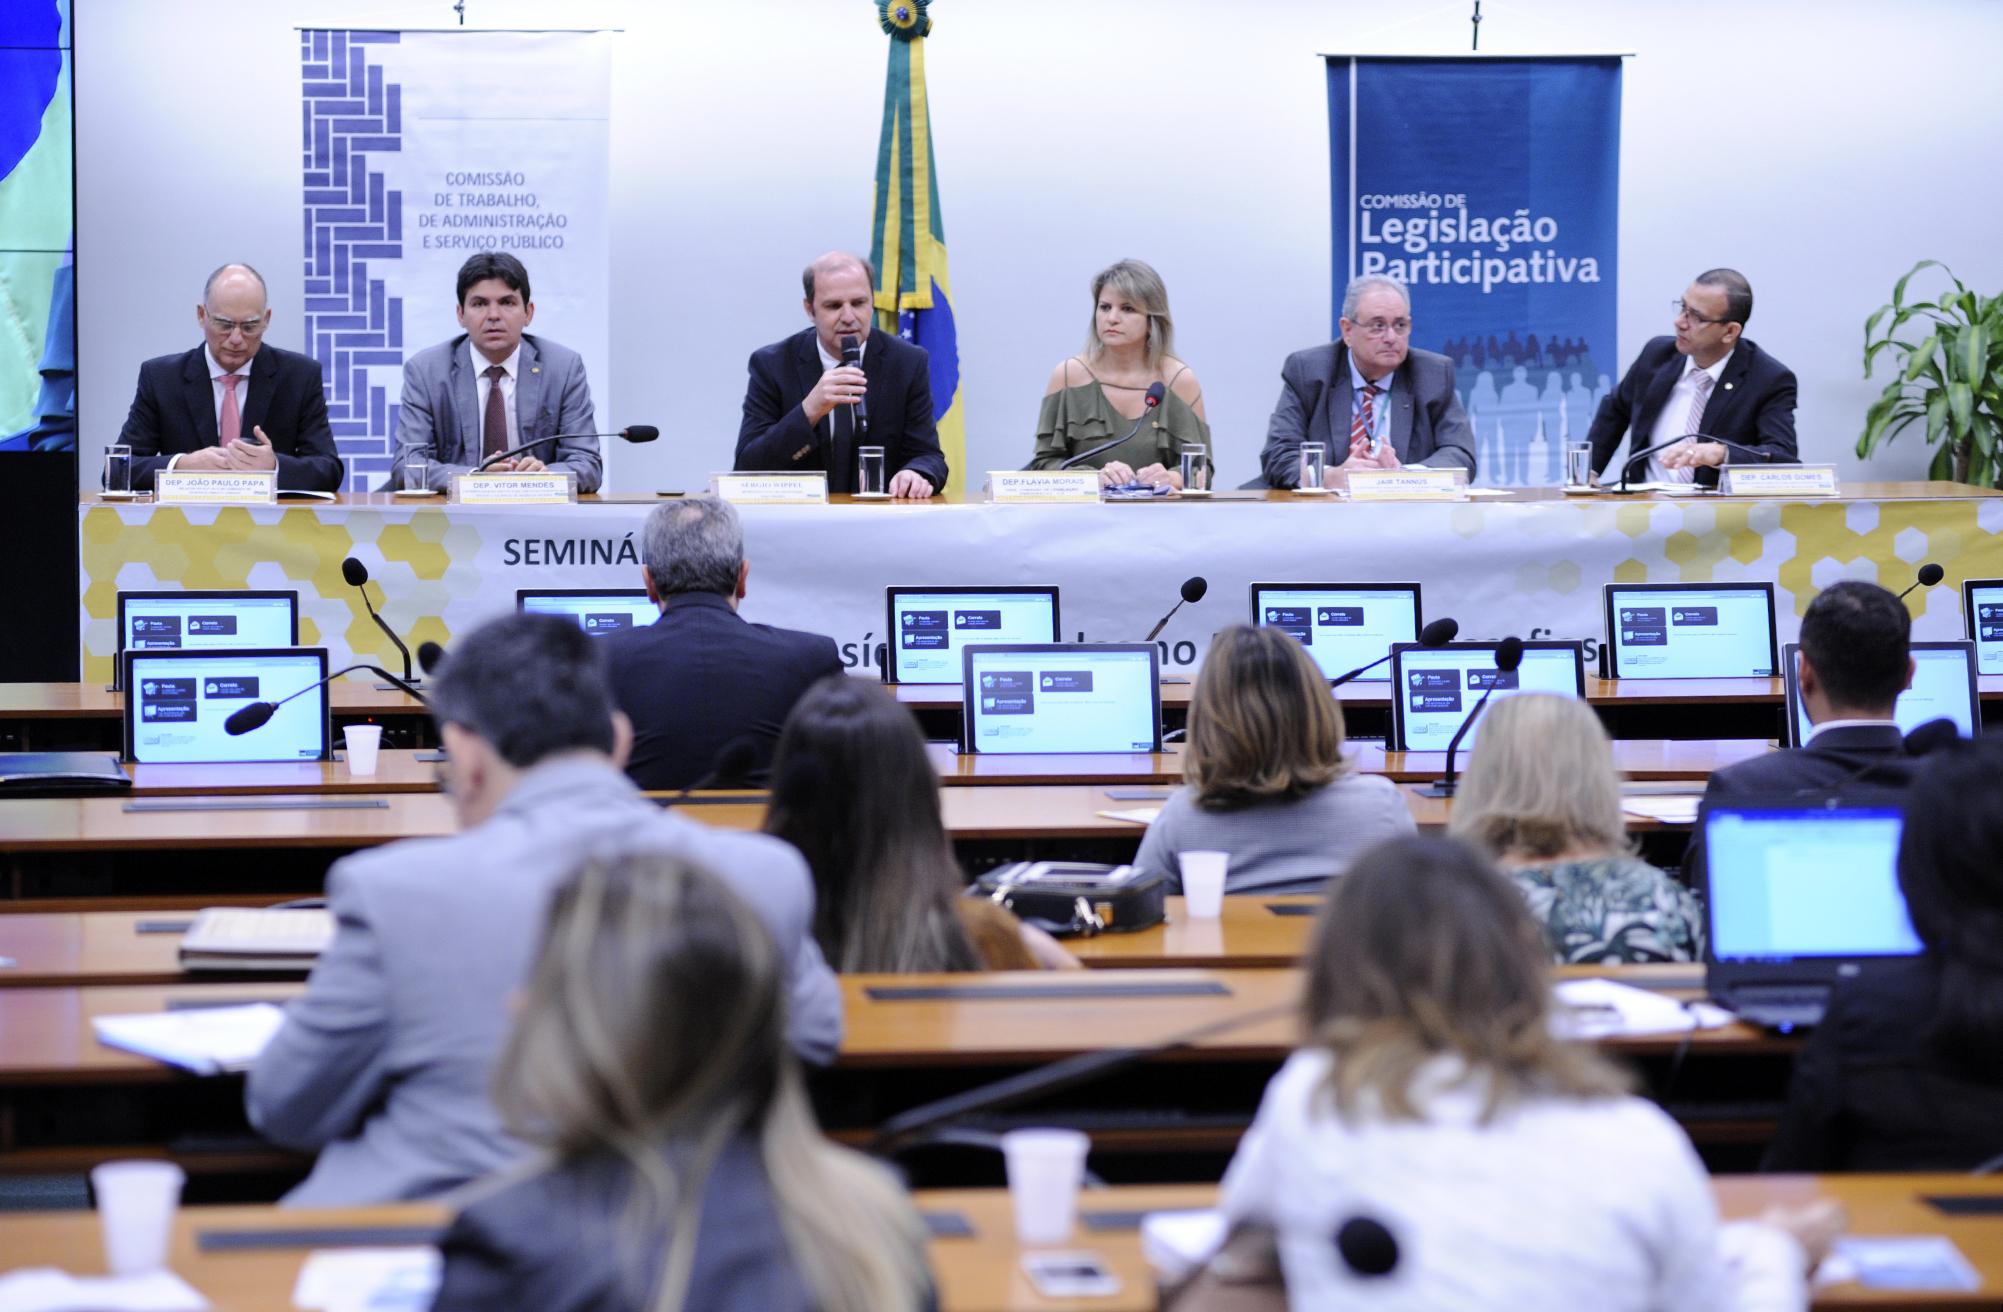 Seminário sobre a Gestão de Resíduos Sólidos no Brasil e os Desafios ao Cumprimento da Lei 12.305